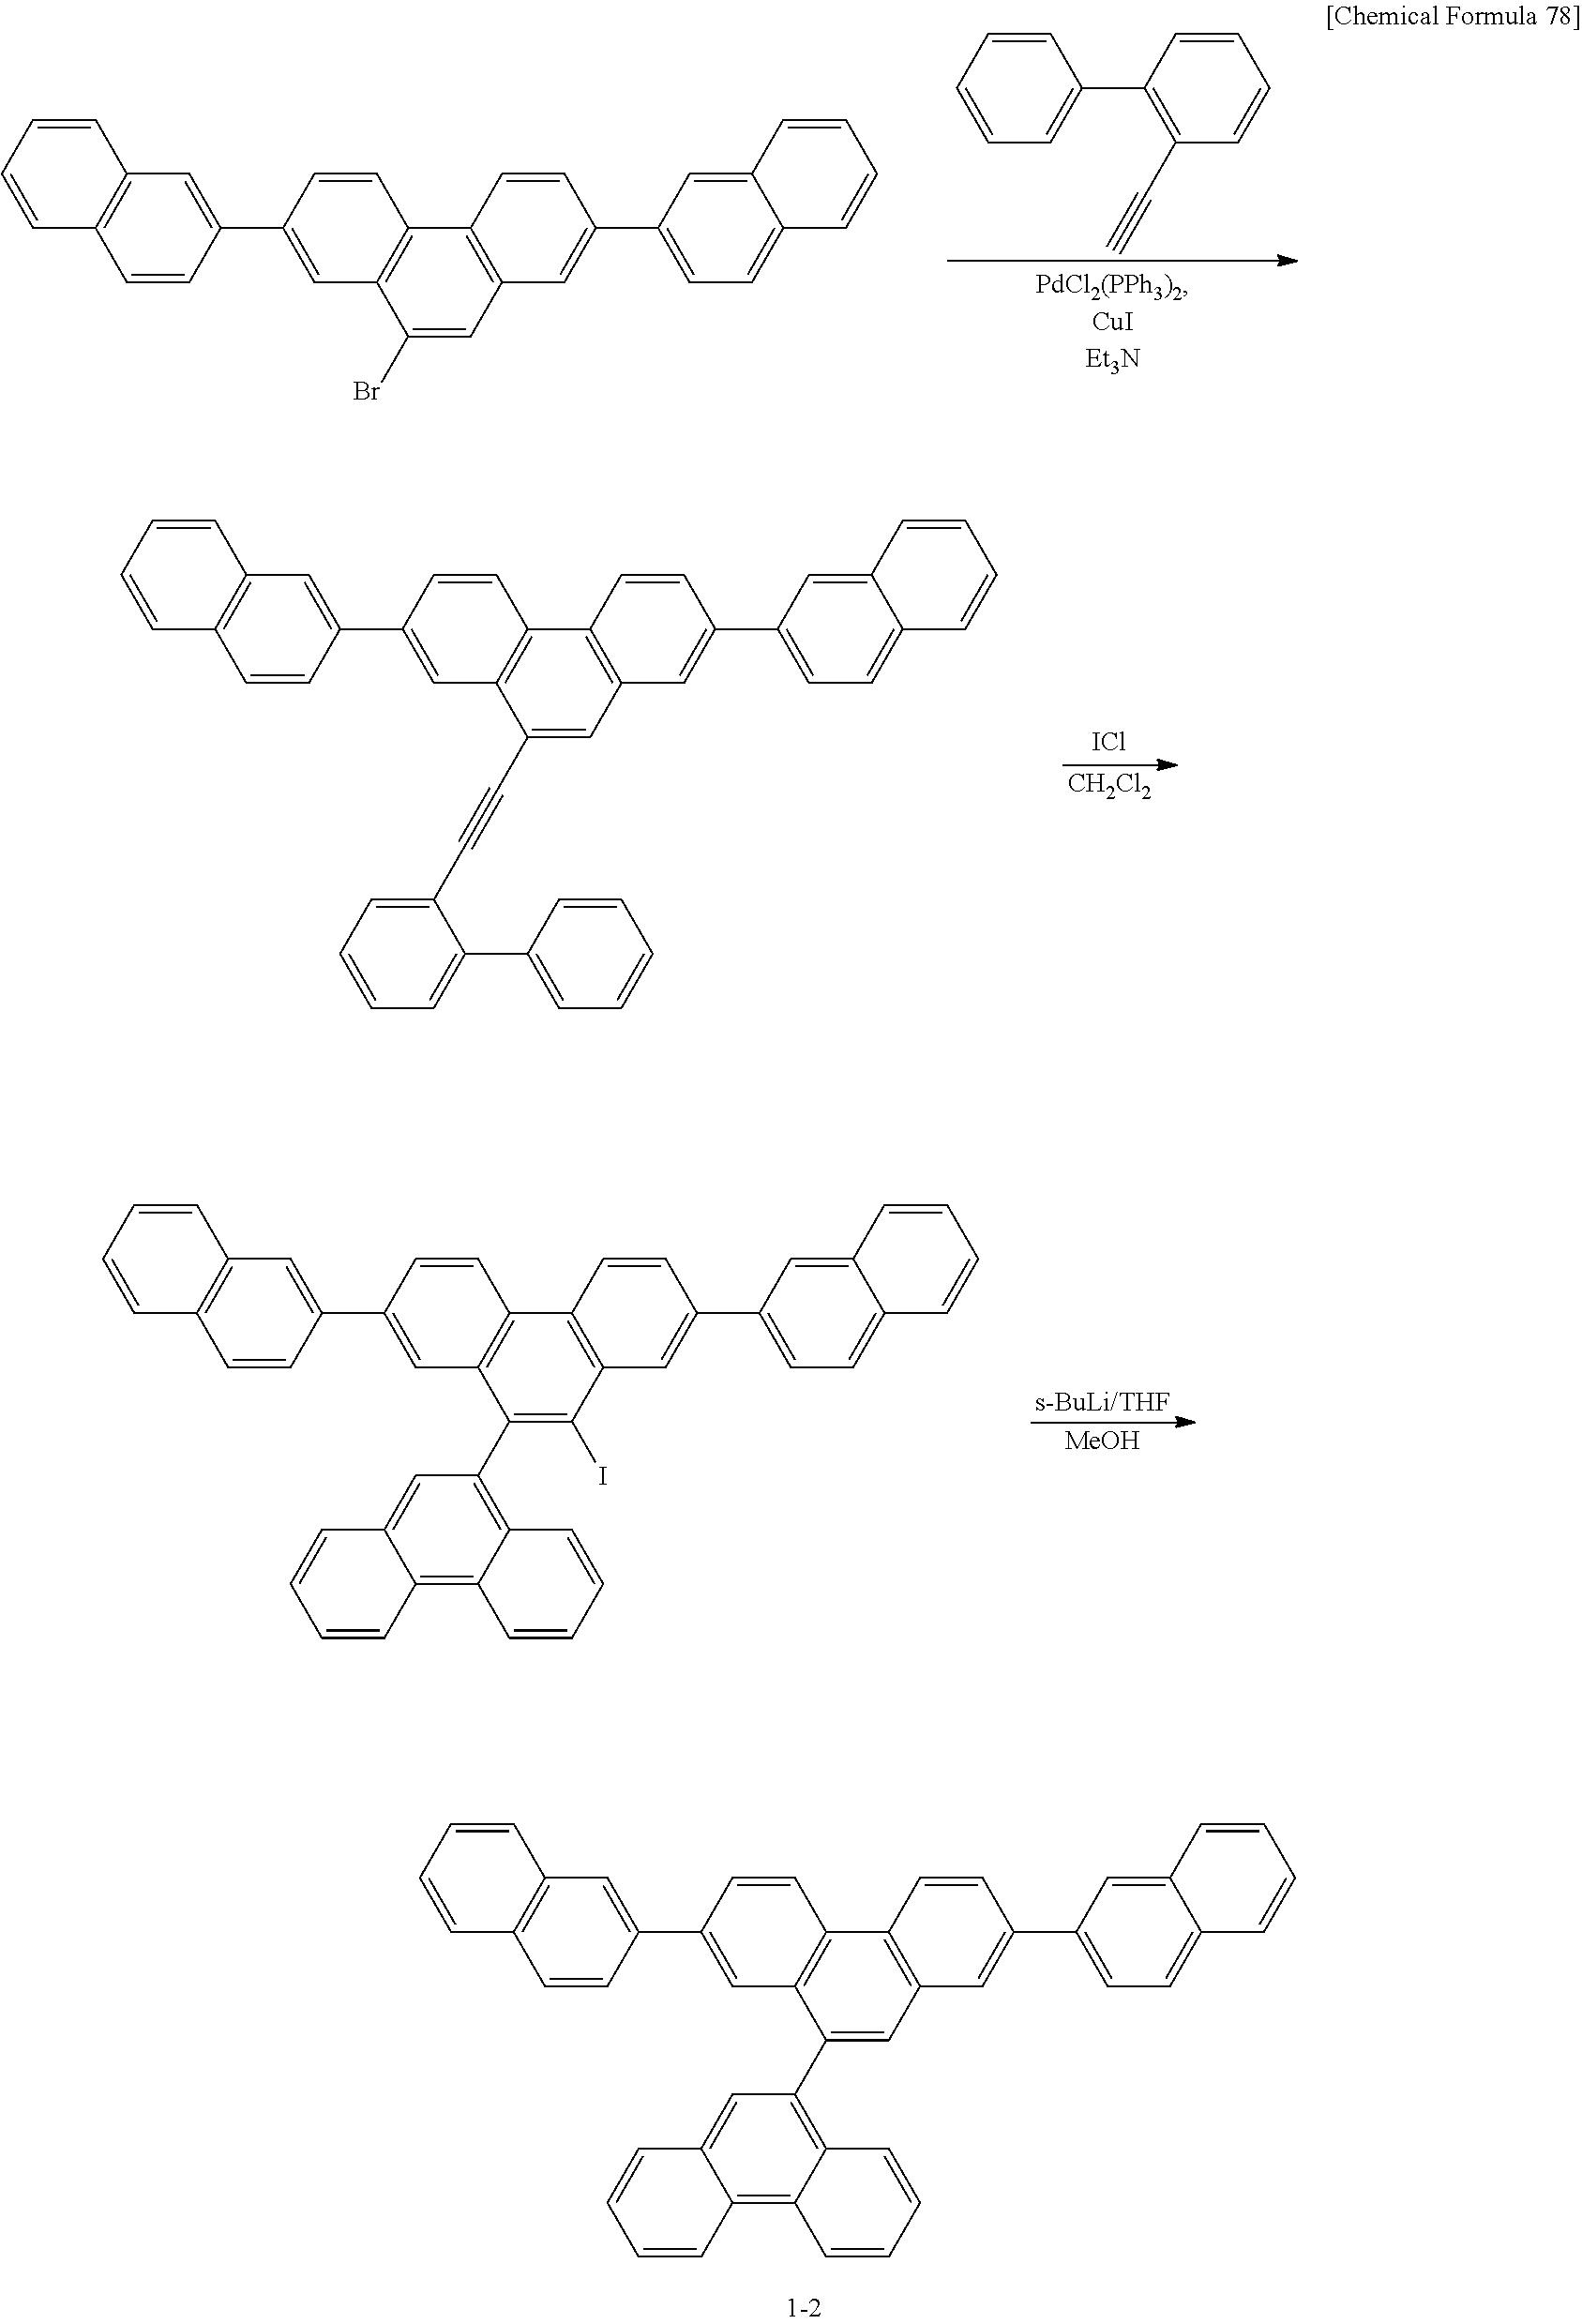 Figure US08568903-20131029-C00711